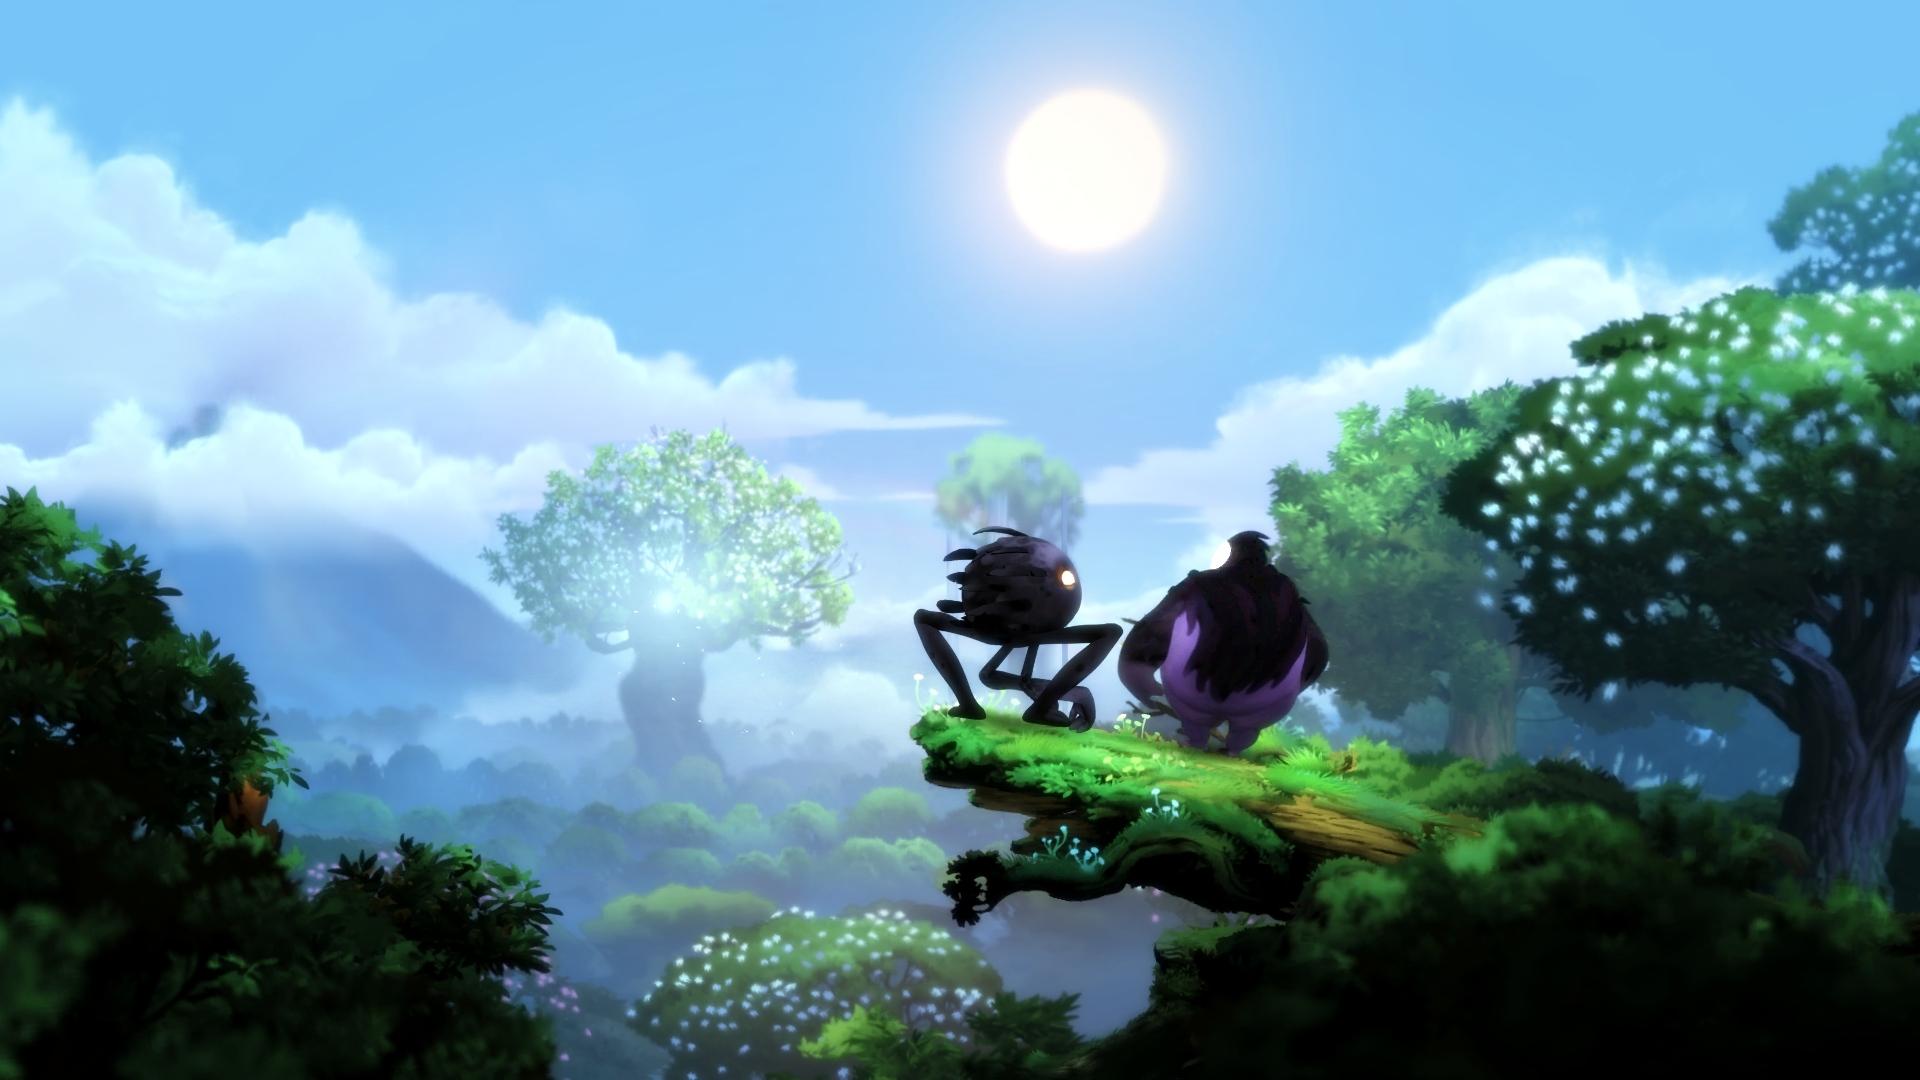 Gumo i Naru, likovi kojima nije potreban glas da bi bili kul.